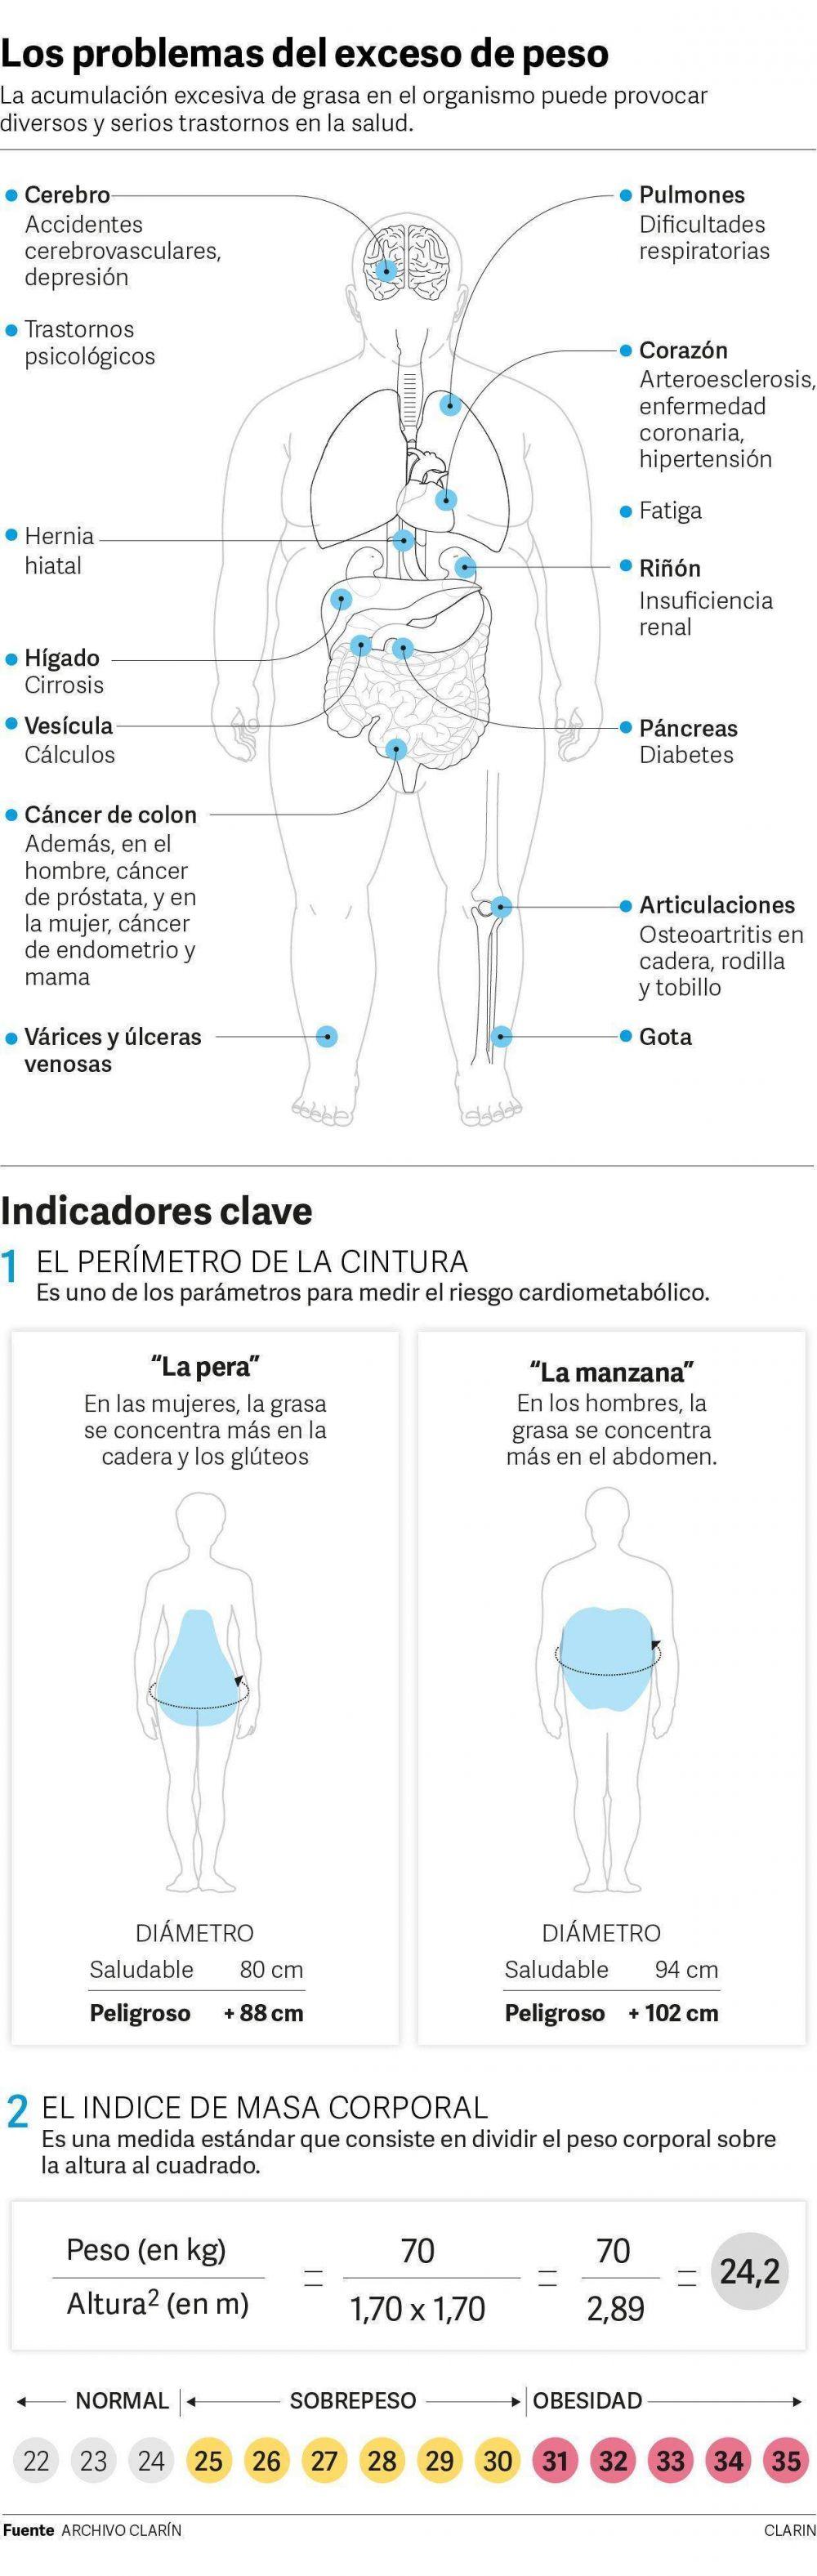 Otro medicamento se suma a la nueva generación de drogas contra la obesidad